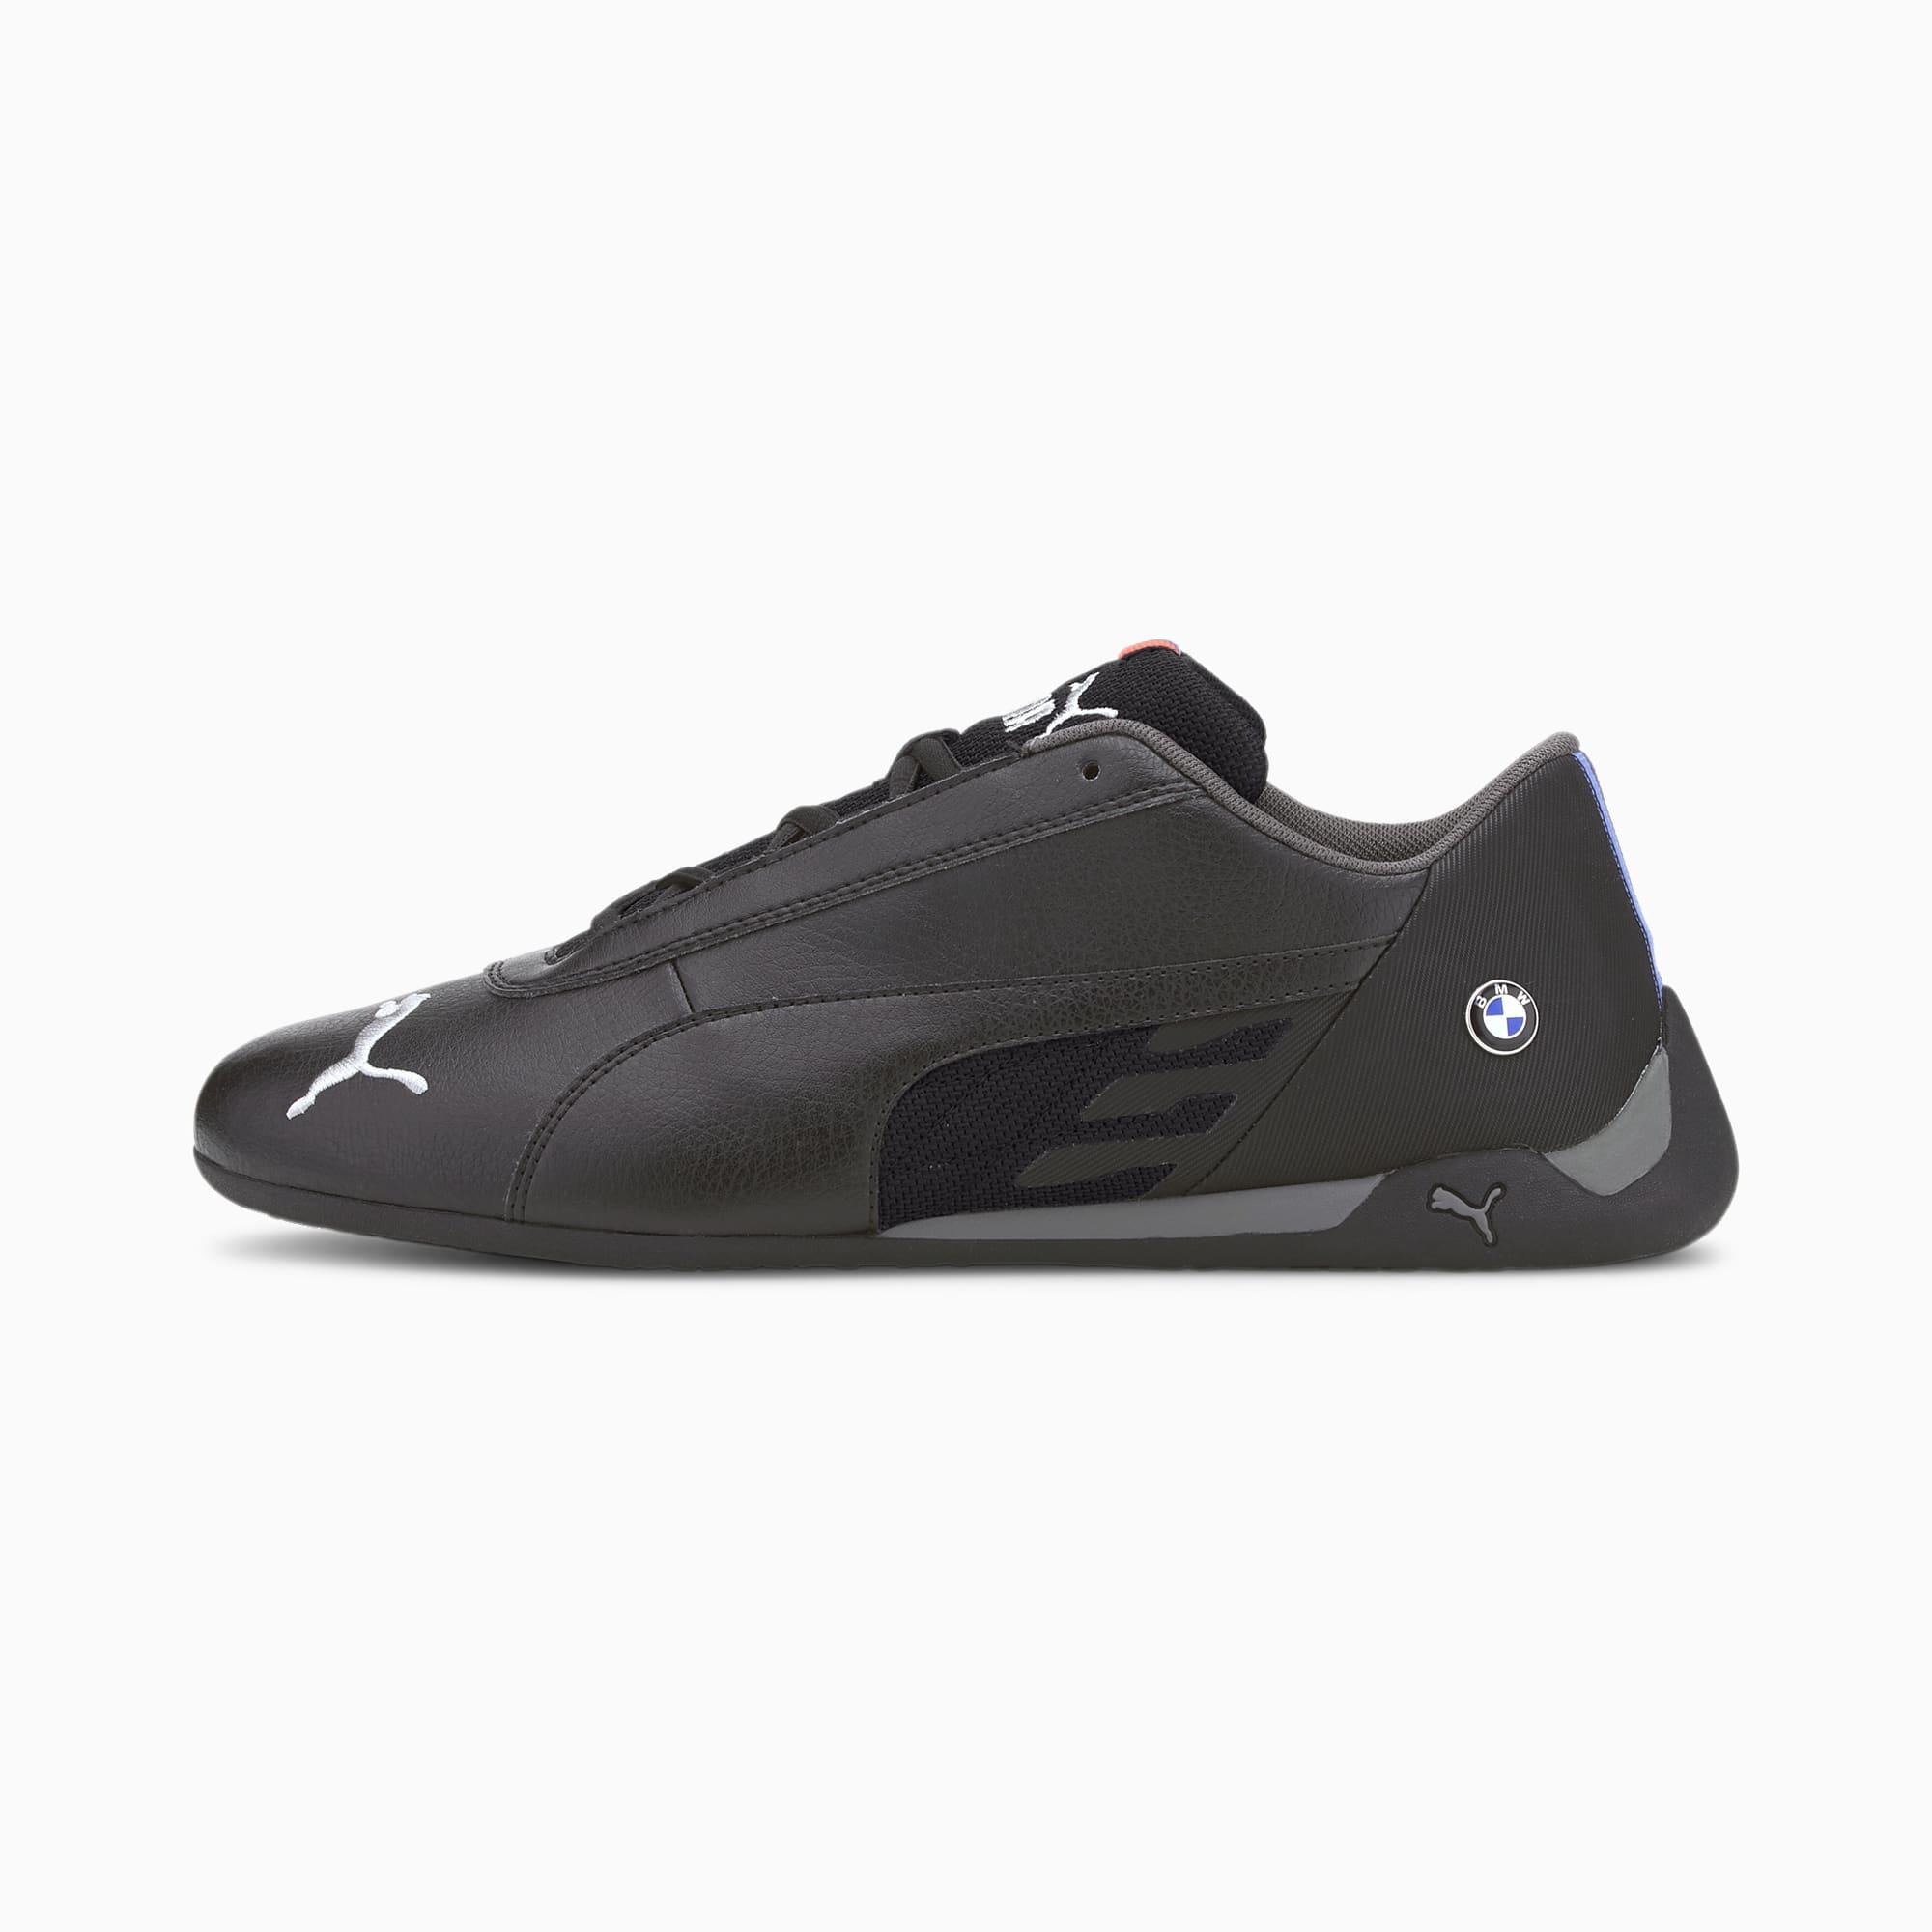 PUMA Chaussure de course BMW M Motorsport R-Cat, Noir, Taille 37.5, Vêtements